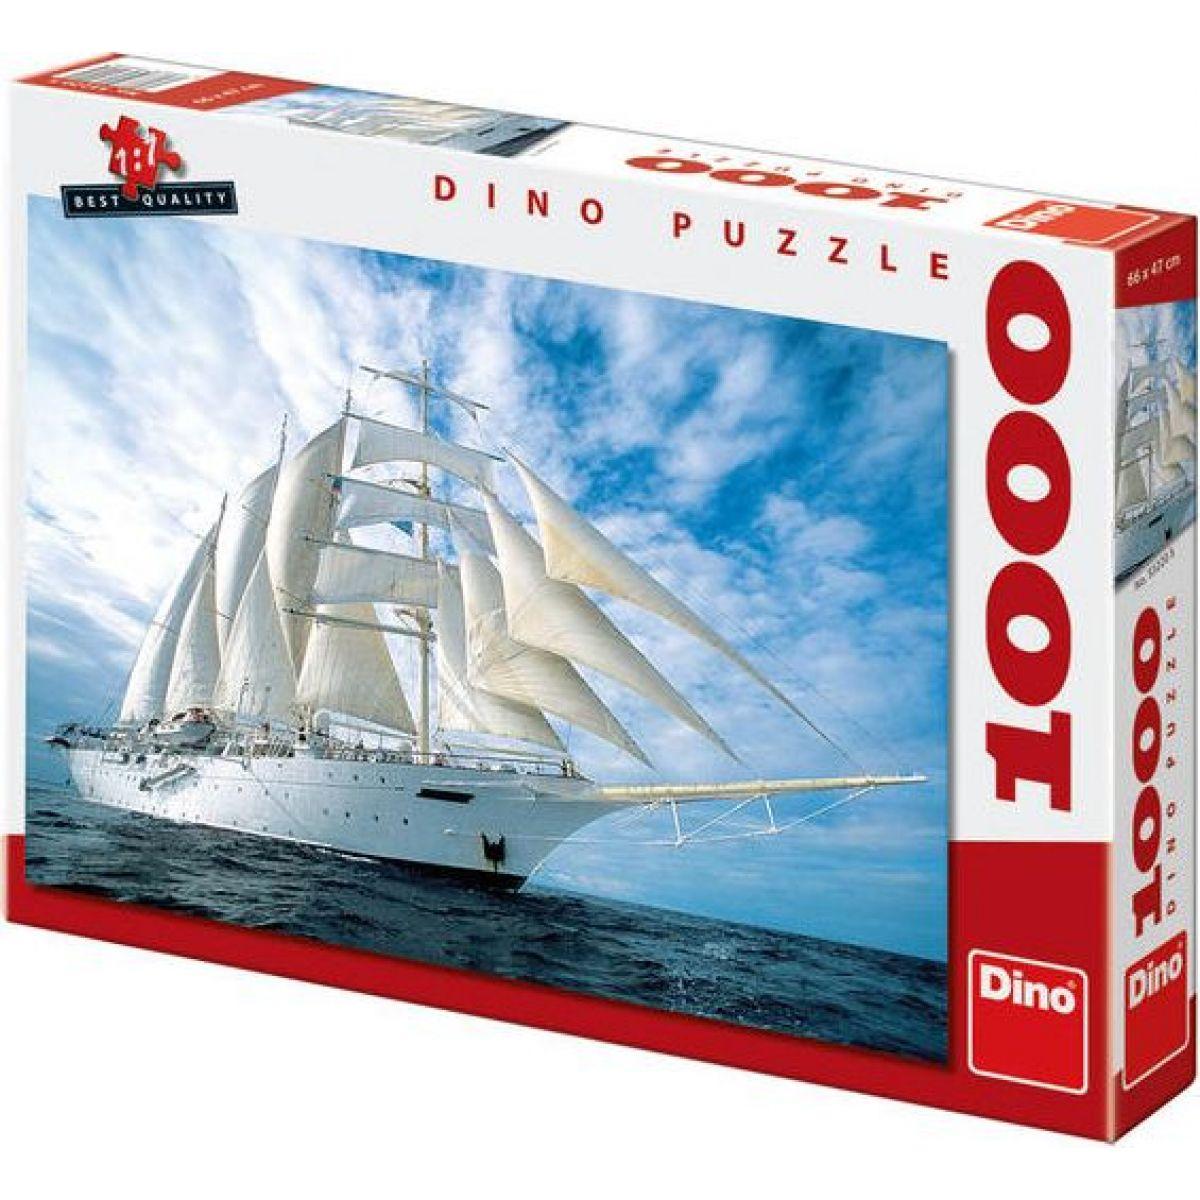 Dino Puzzle Plachetnice 1000 dílků